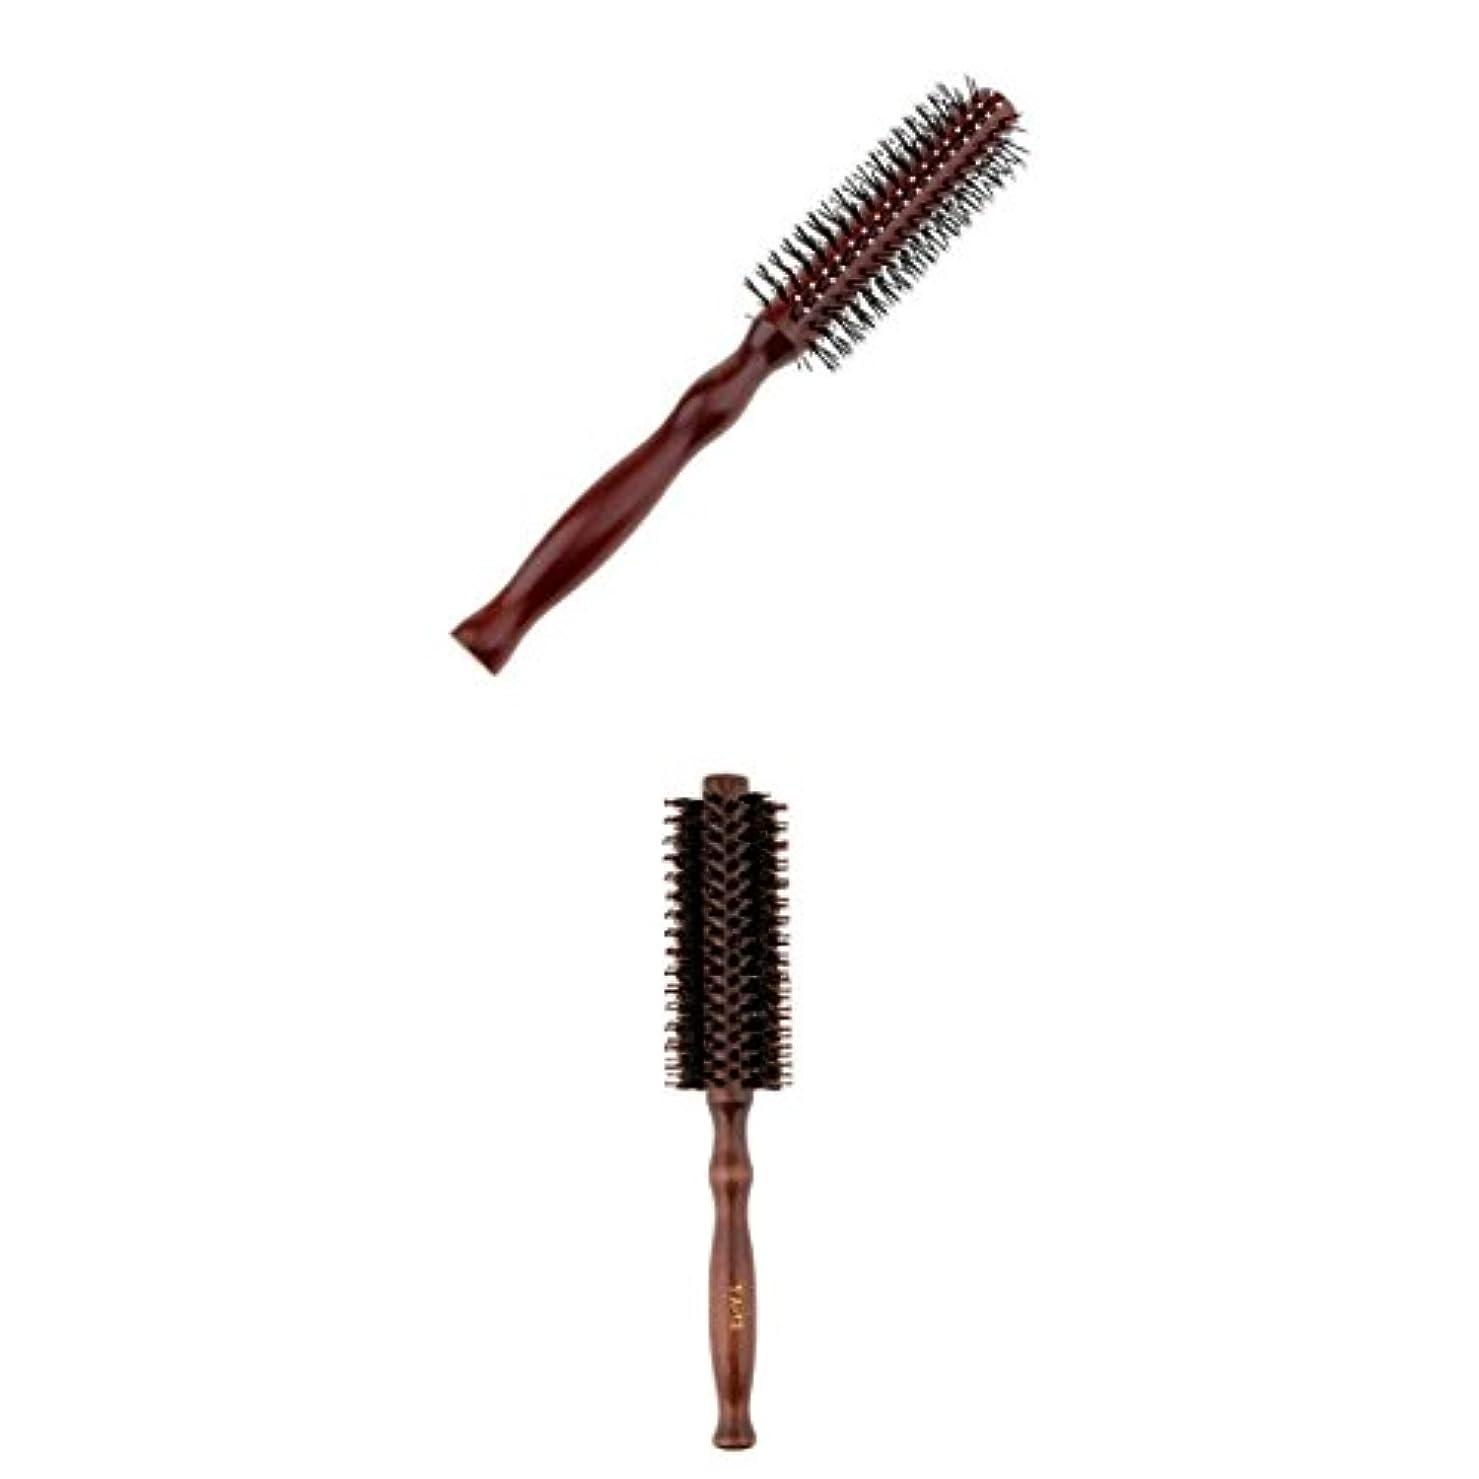 命令有益姉妹ヘアブラシ ロールブラシ ヘアコーム 木製櫛 理髪師 家庭 アクセサリー 2点入り